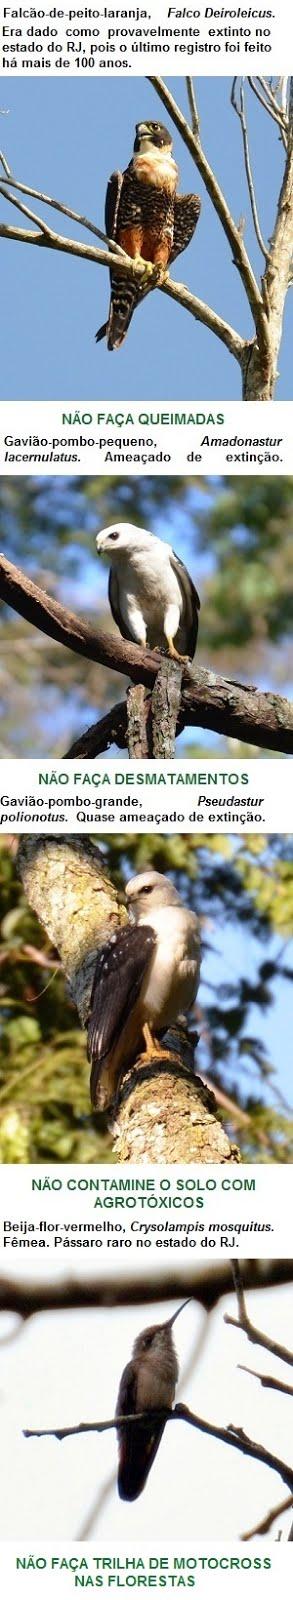 Pássaros raros observados em Miracema - parte I